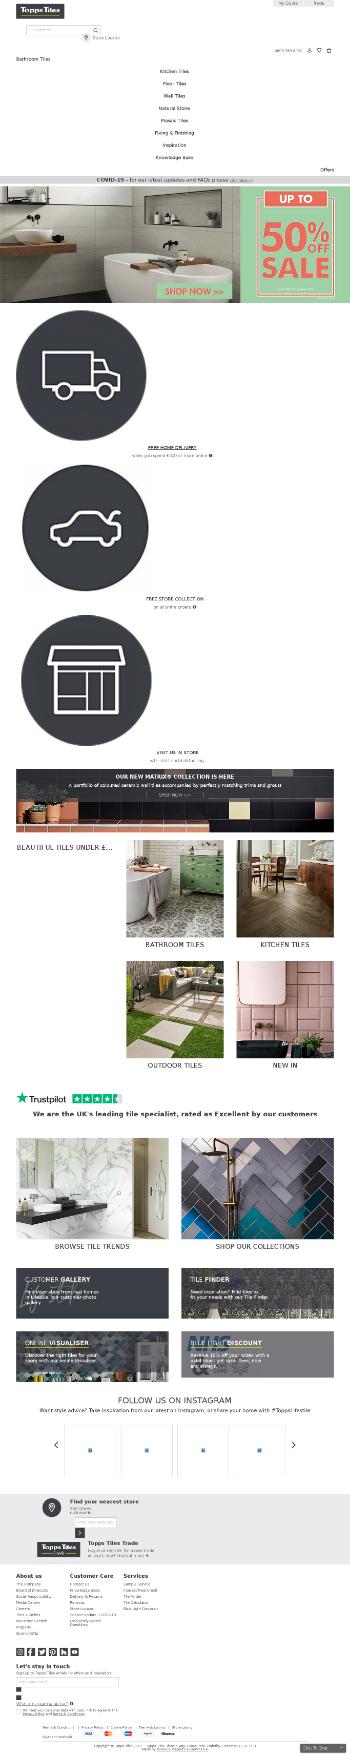 Topps Tiles Plc Website Screenshot